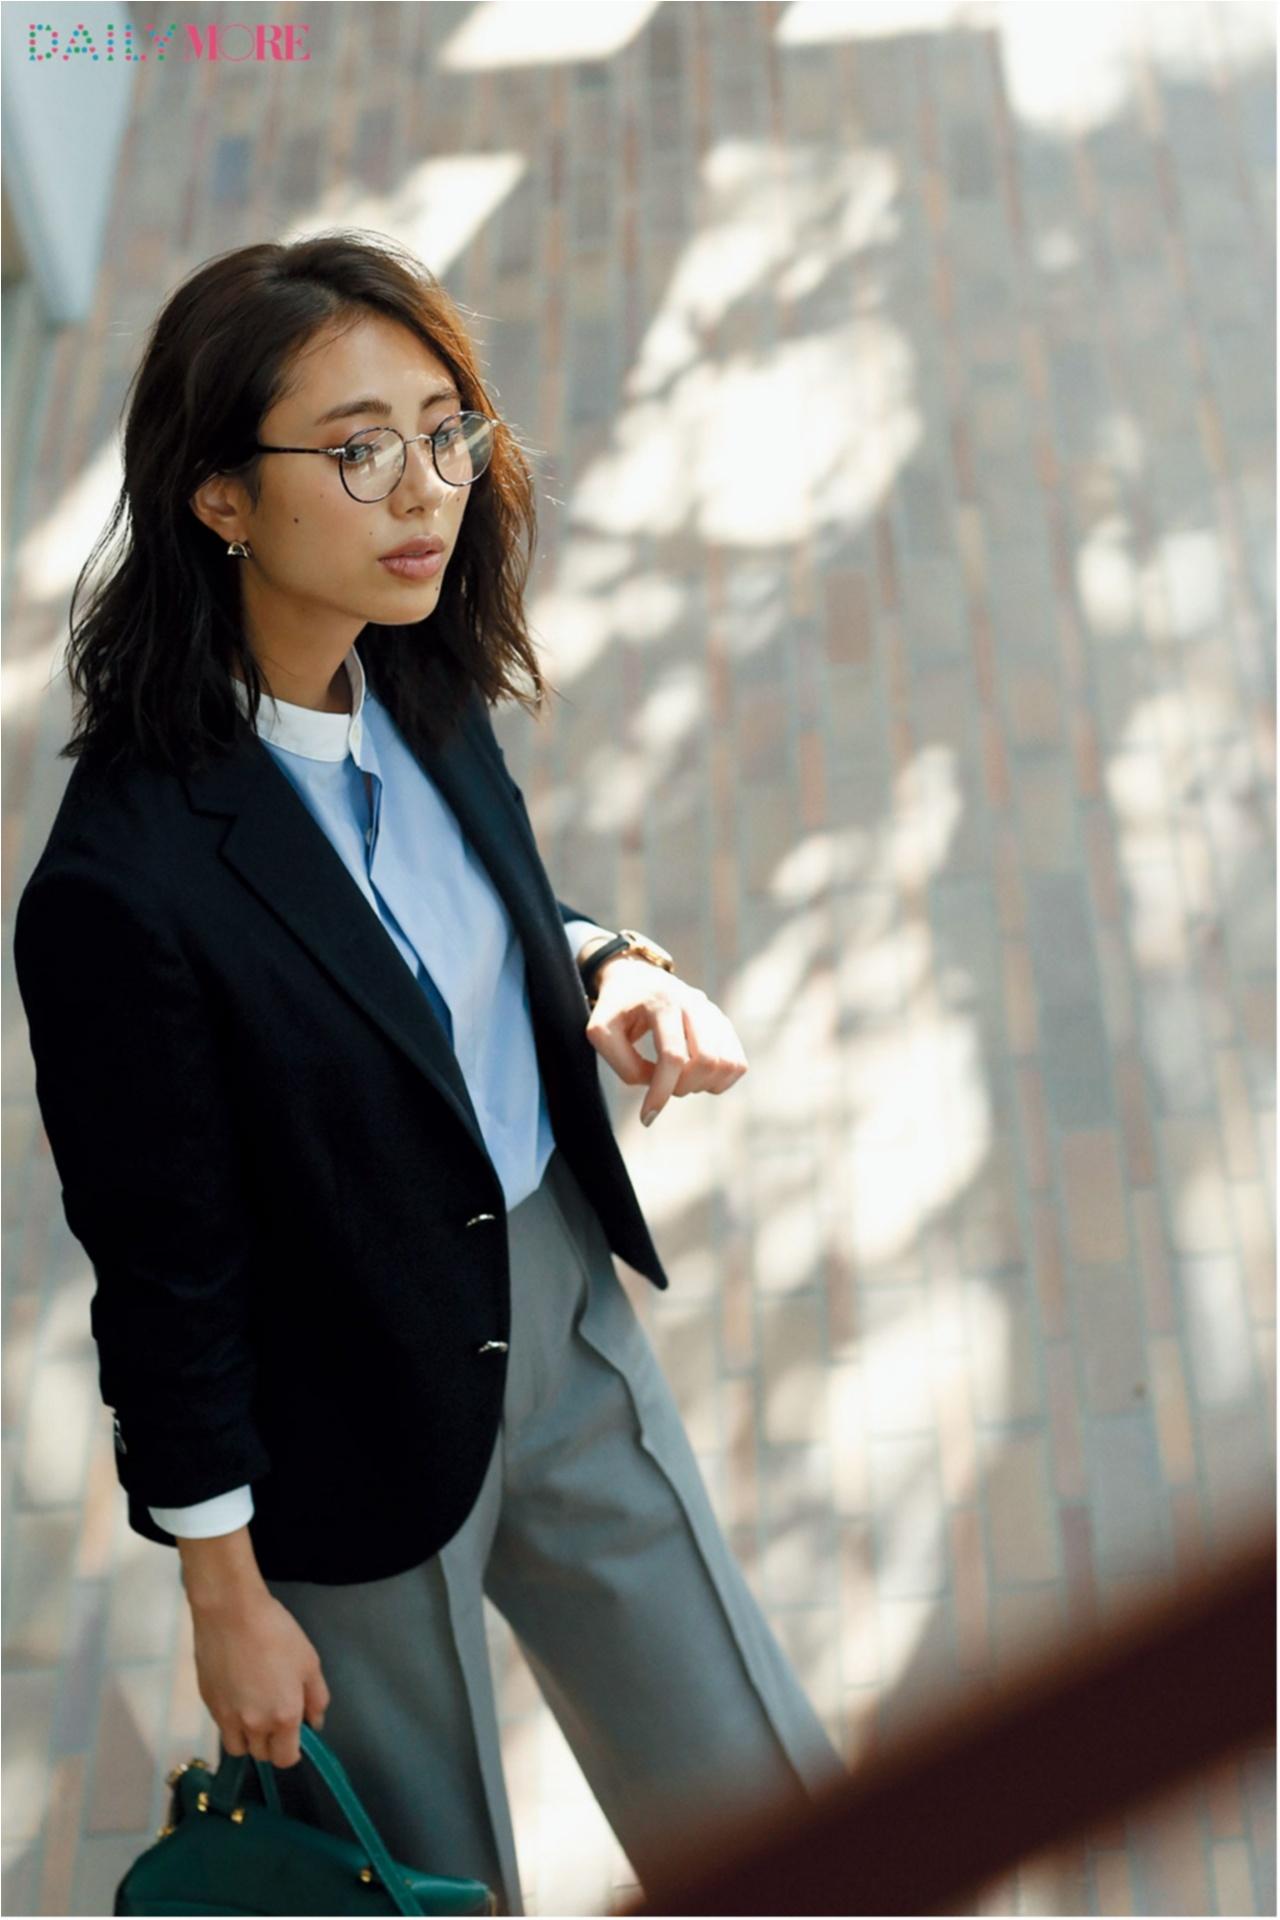 秋冬に着たいおしゃれなオフィスカジュアル♪  旬の「お仕事服見本」まとめ♡_1_2